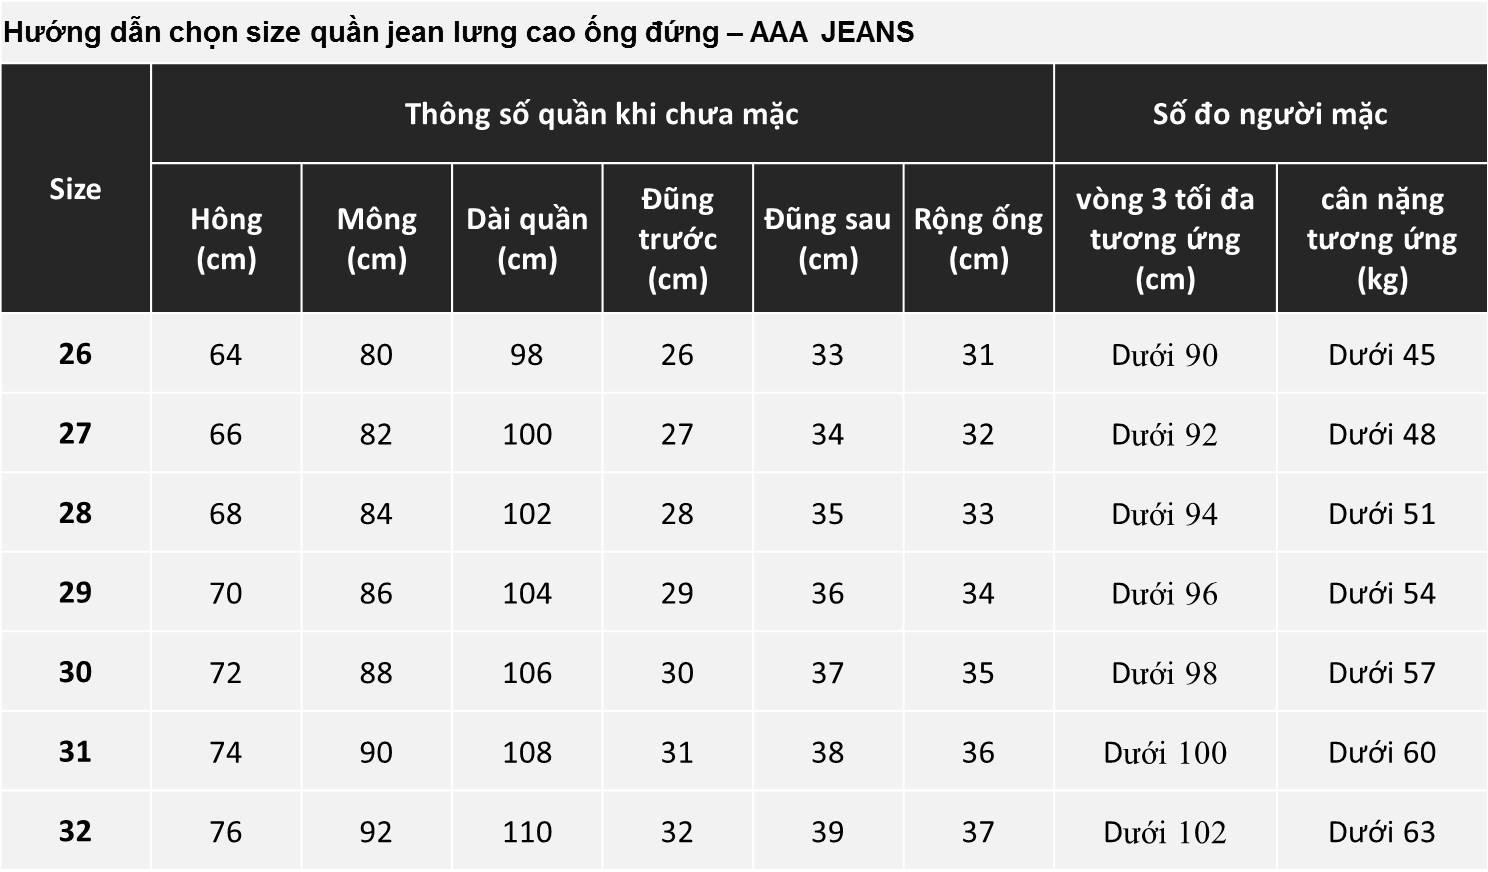 Quần Jean Nữ Ống Đứng Lưng Cao Aaa Jeans Có Nhiều Màu Size 26 - 32 9